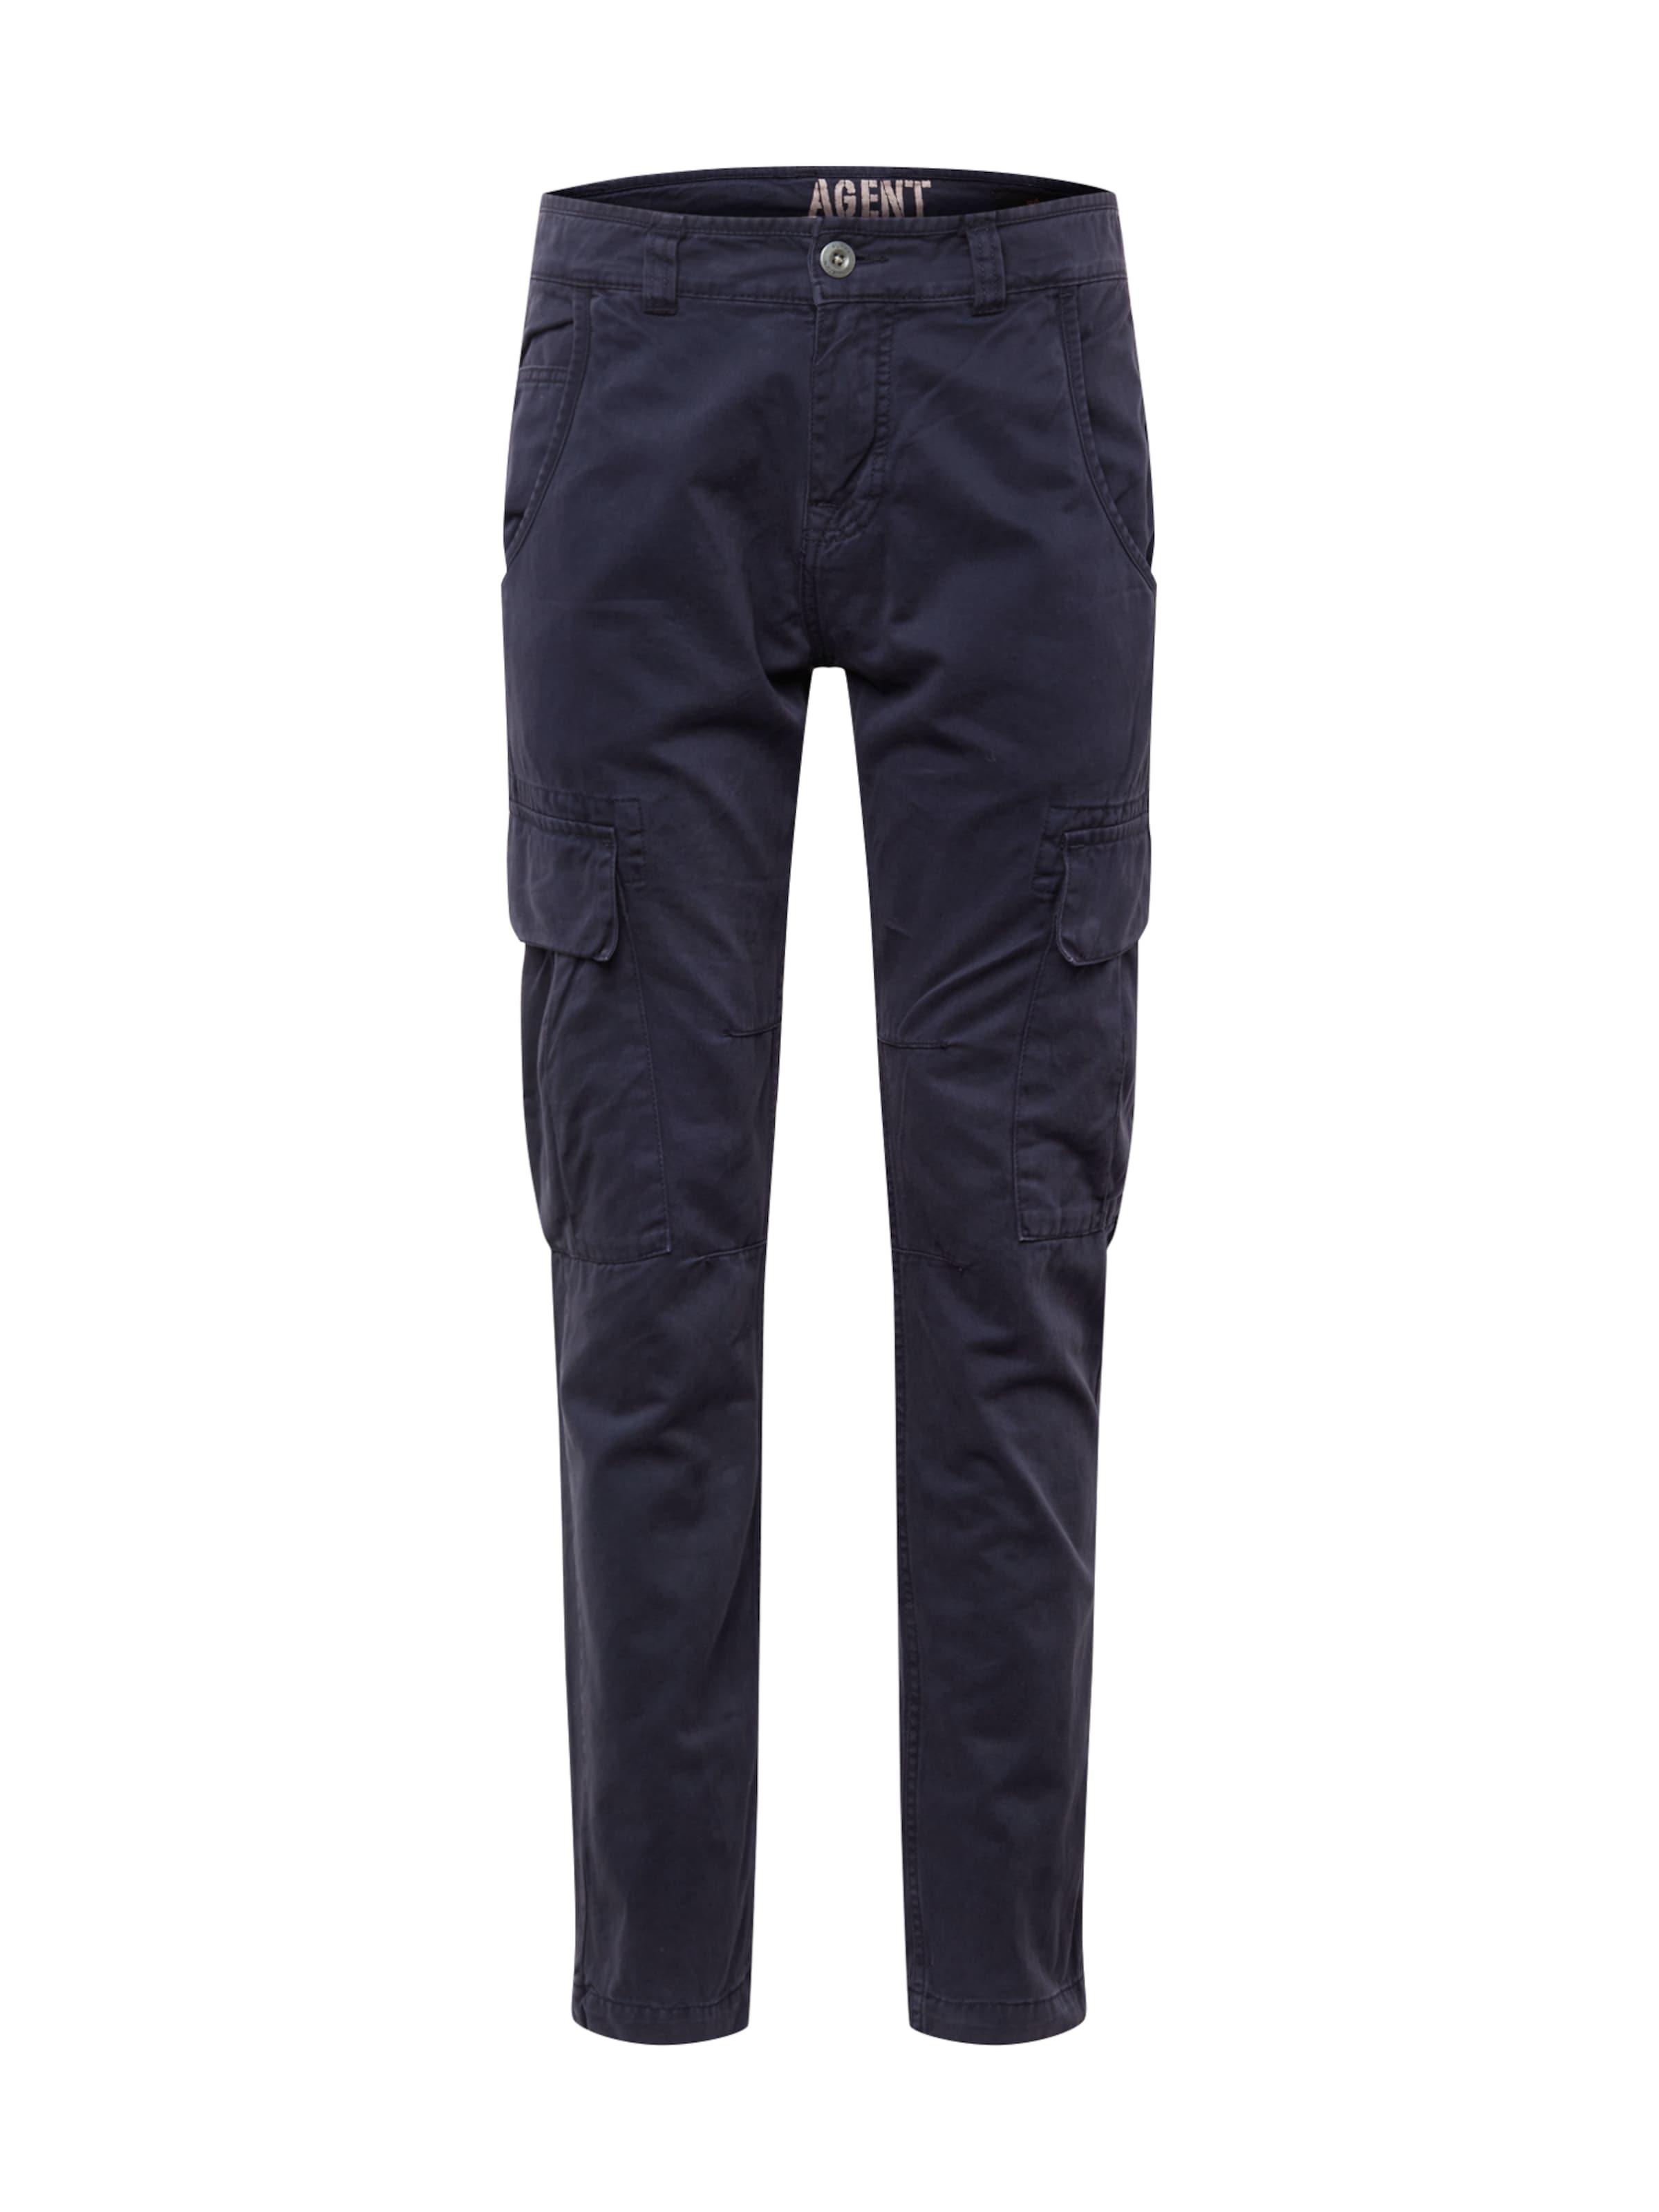 Pantalon Cargo 'agent' Alpha Foncé Industries Bleu En OulkTPZiwX